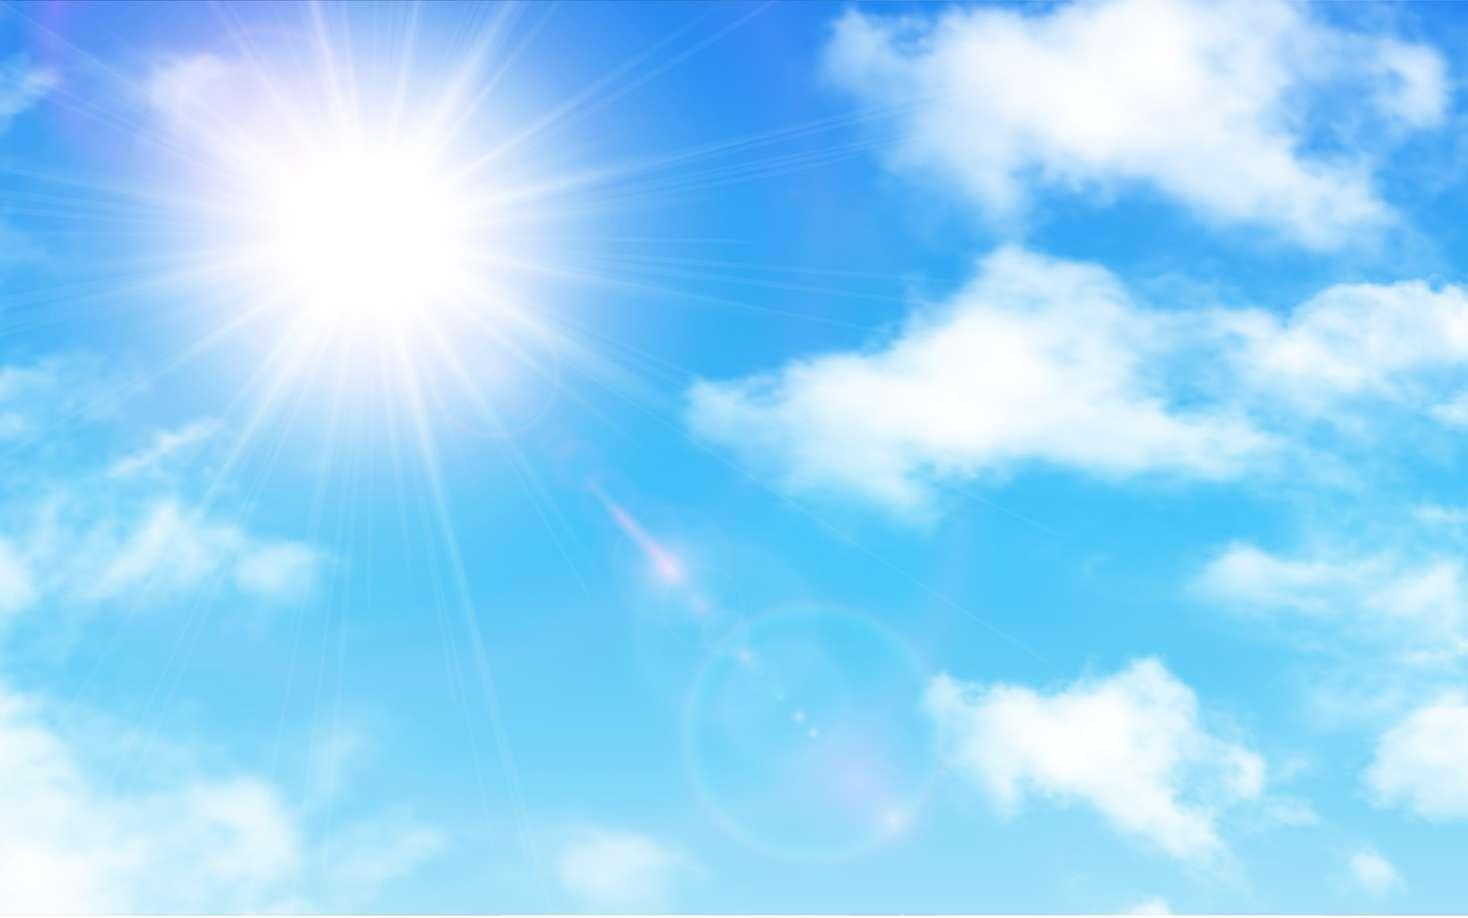 Regarder le soleil sans précaution peut être dangereux : même sans douleur ressentie, les lésions sur la rétine peuvent être irréversibles. © Cobalt, Fotolia